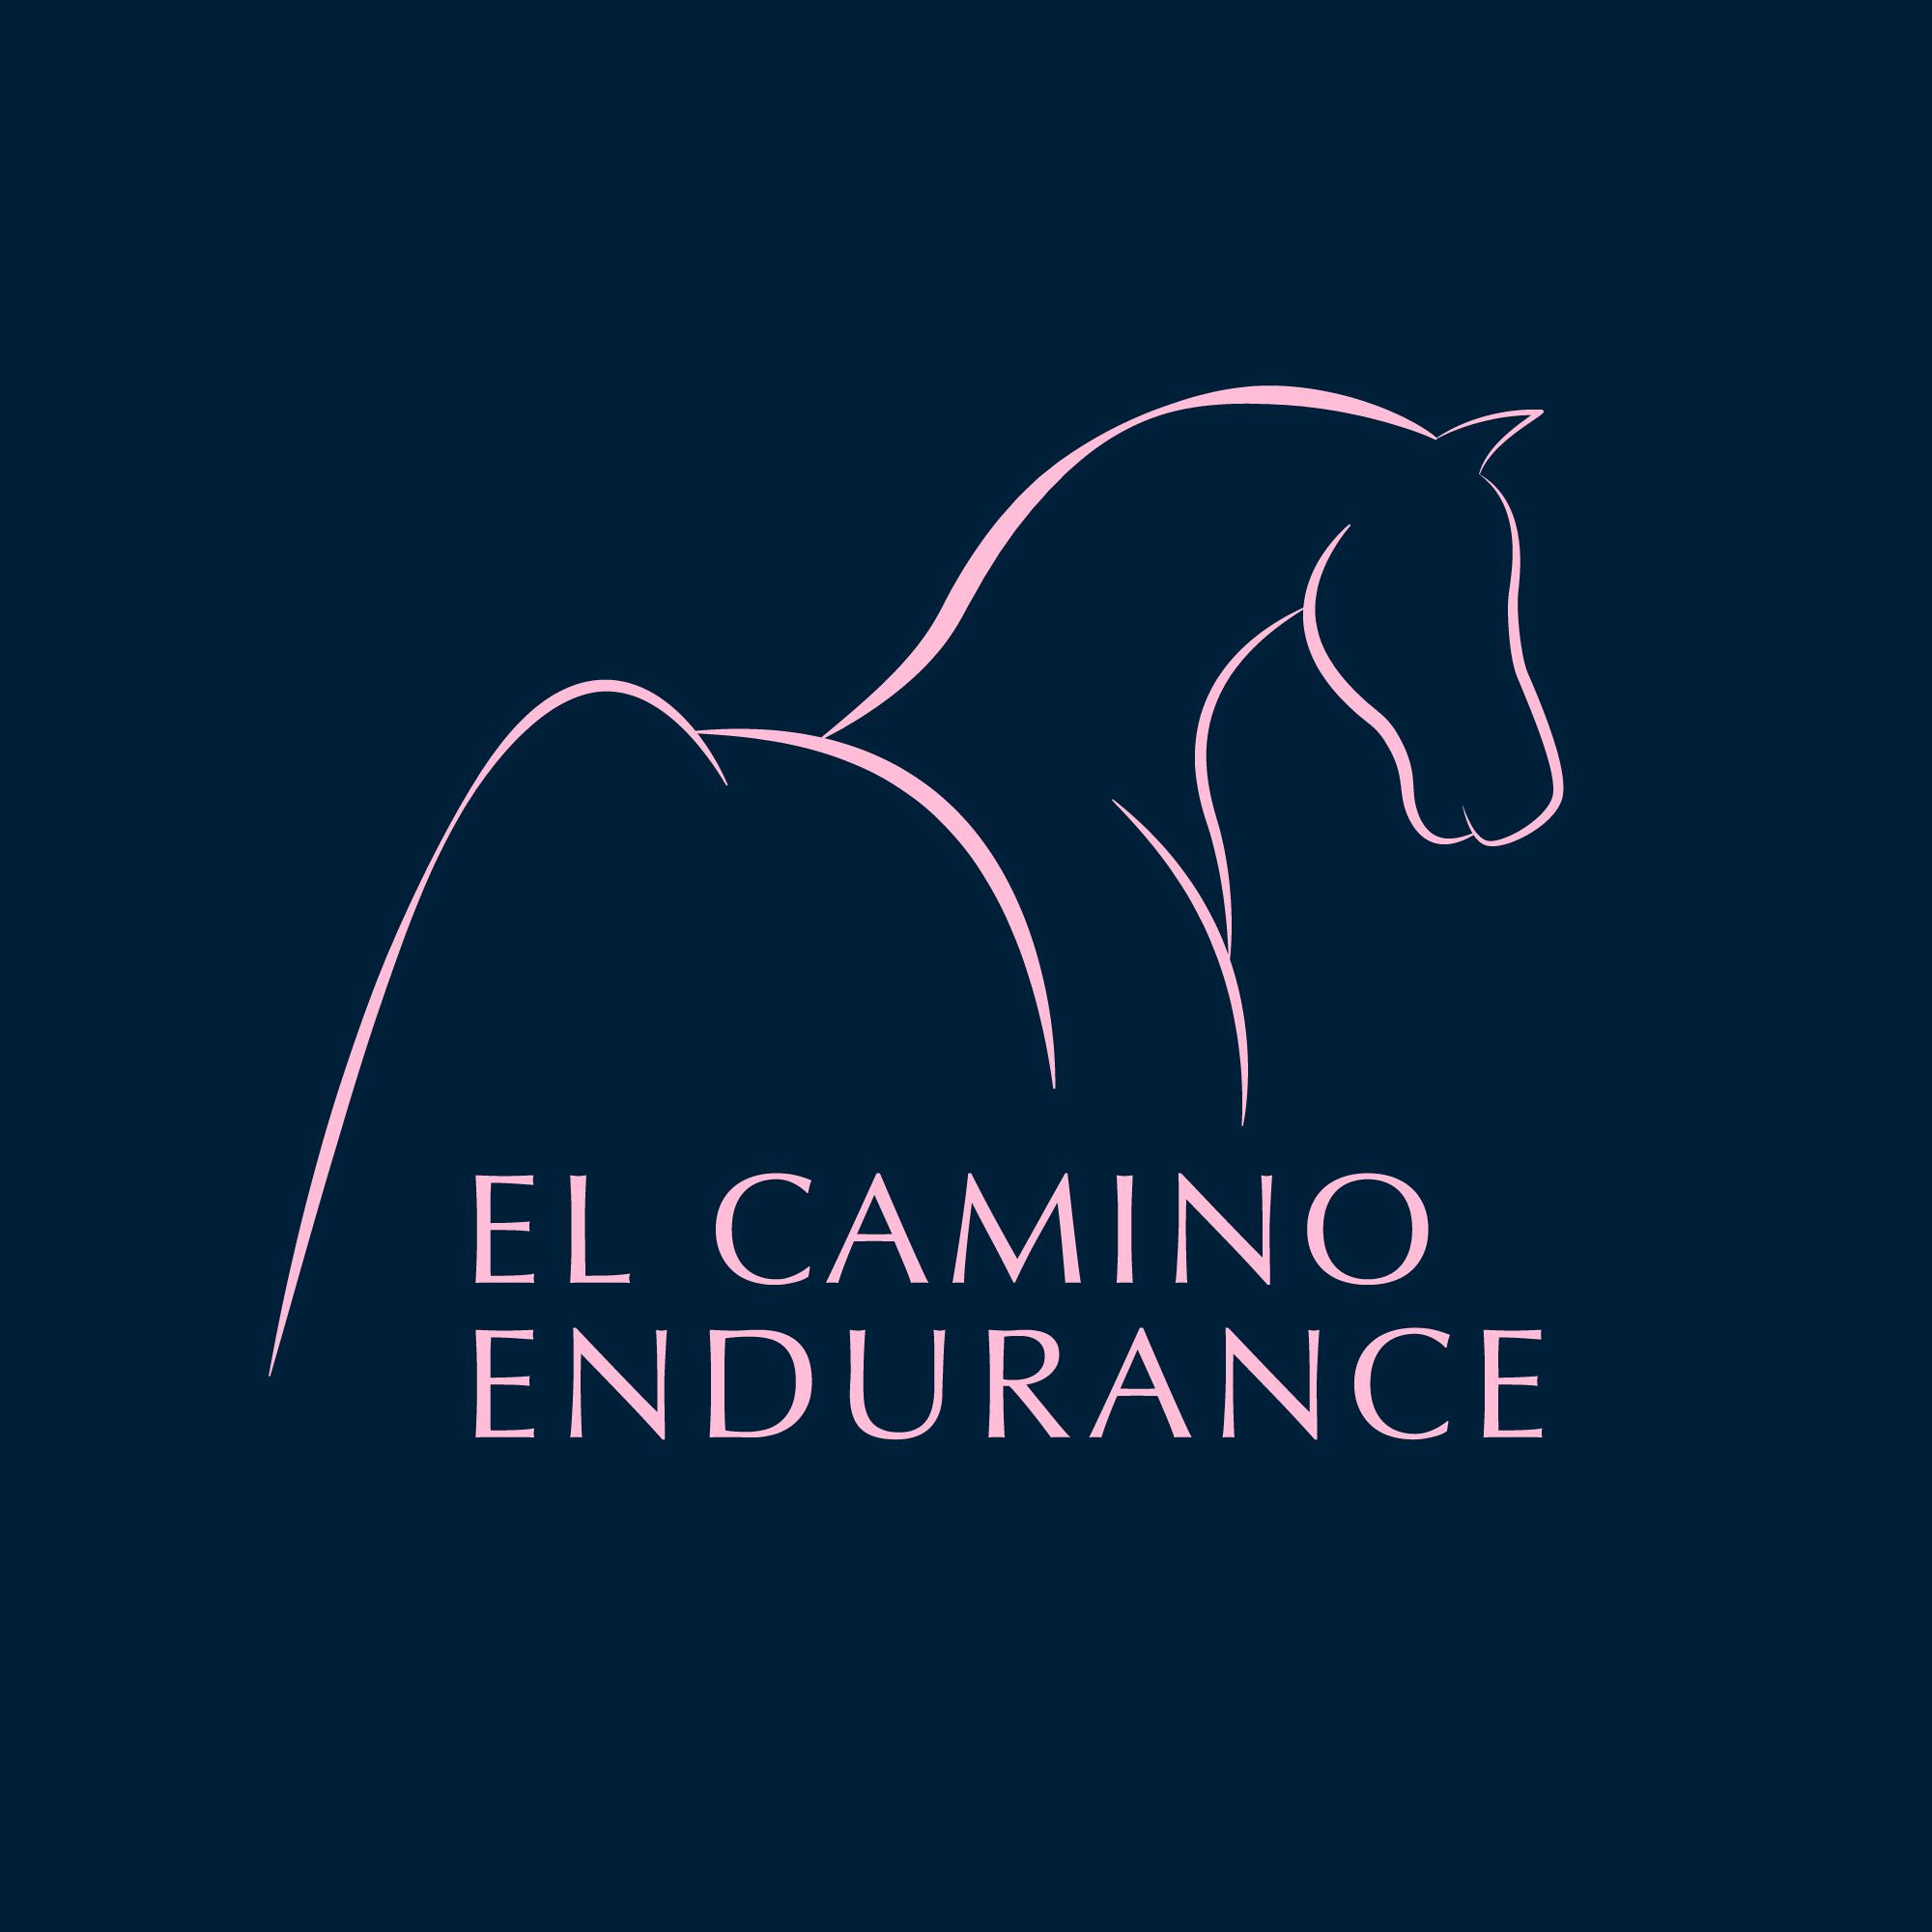 Logo El Camino Endurance